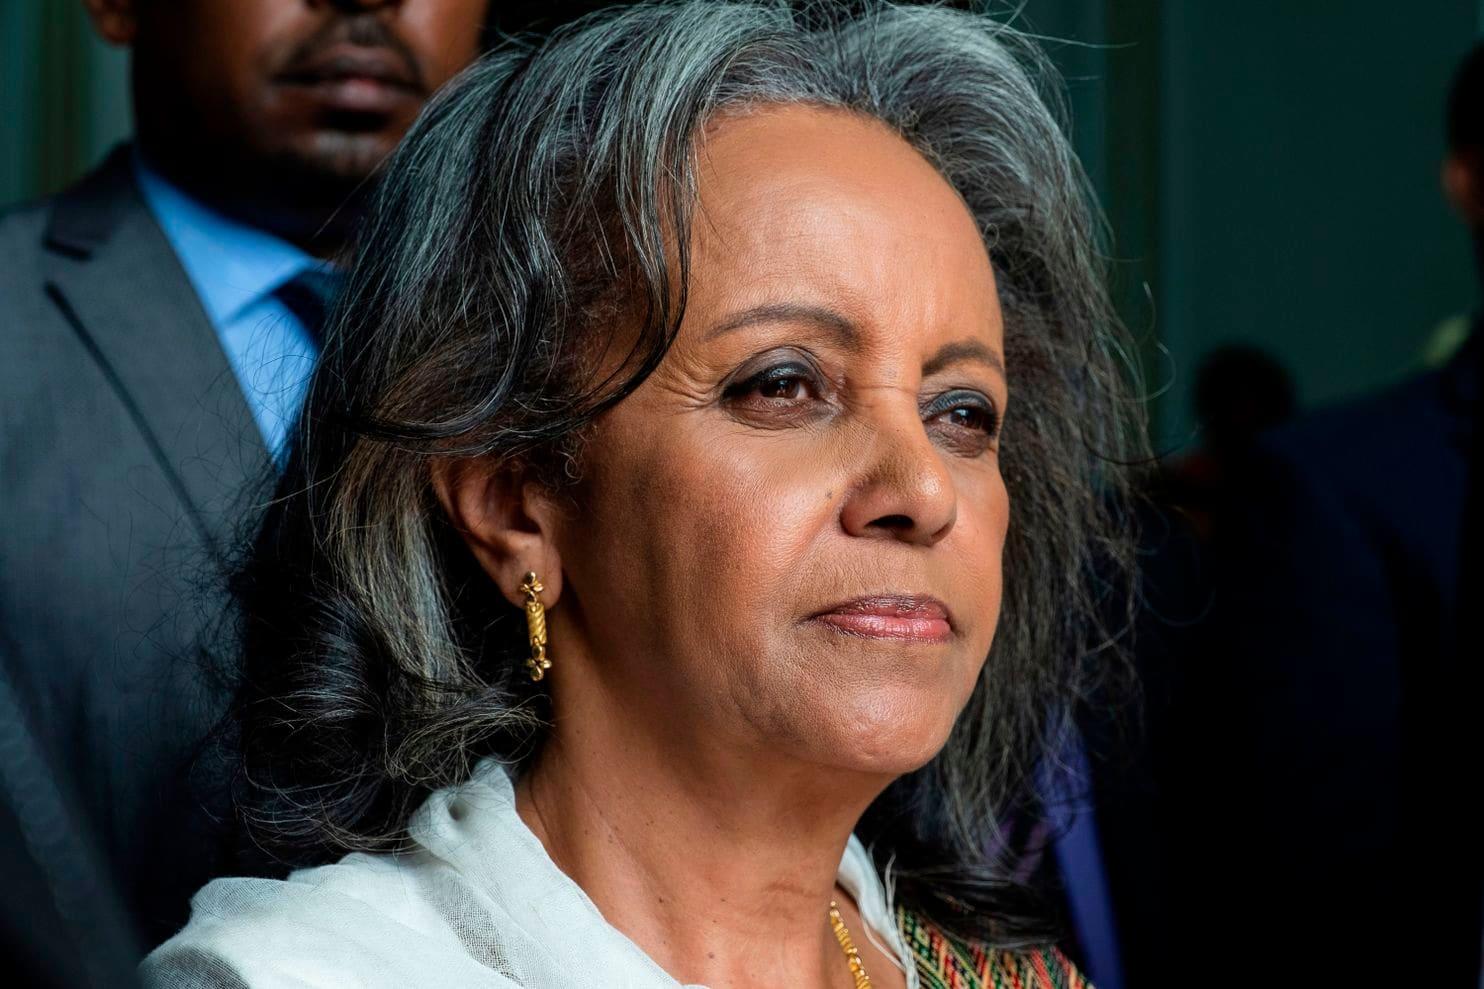 Sahle-Work Zewde nommée à l'unanimité présidente de l'Éthiopie